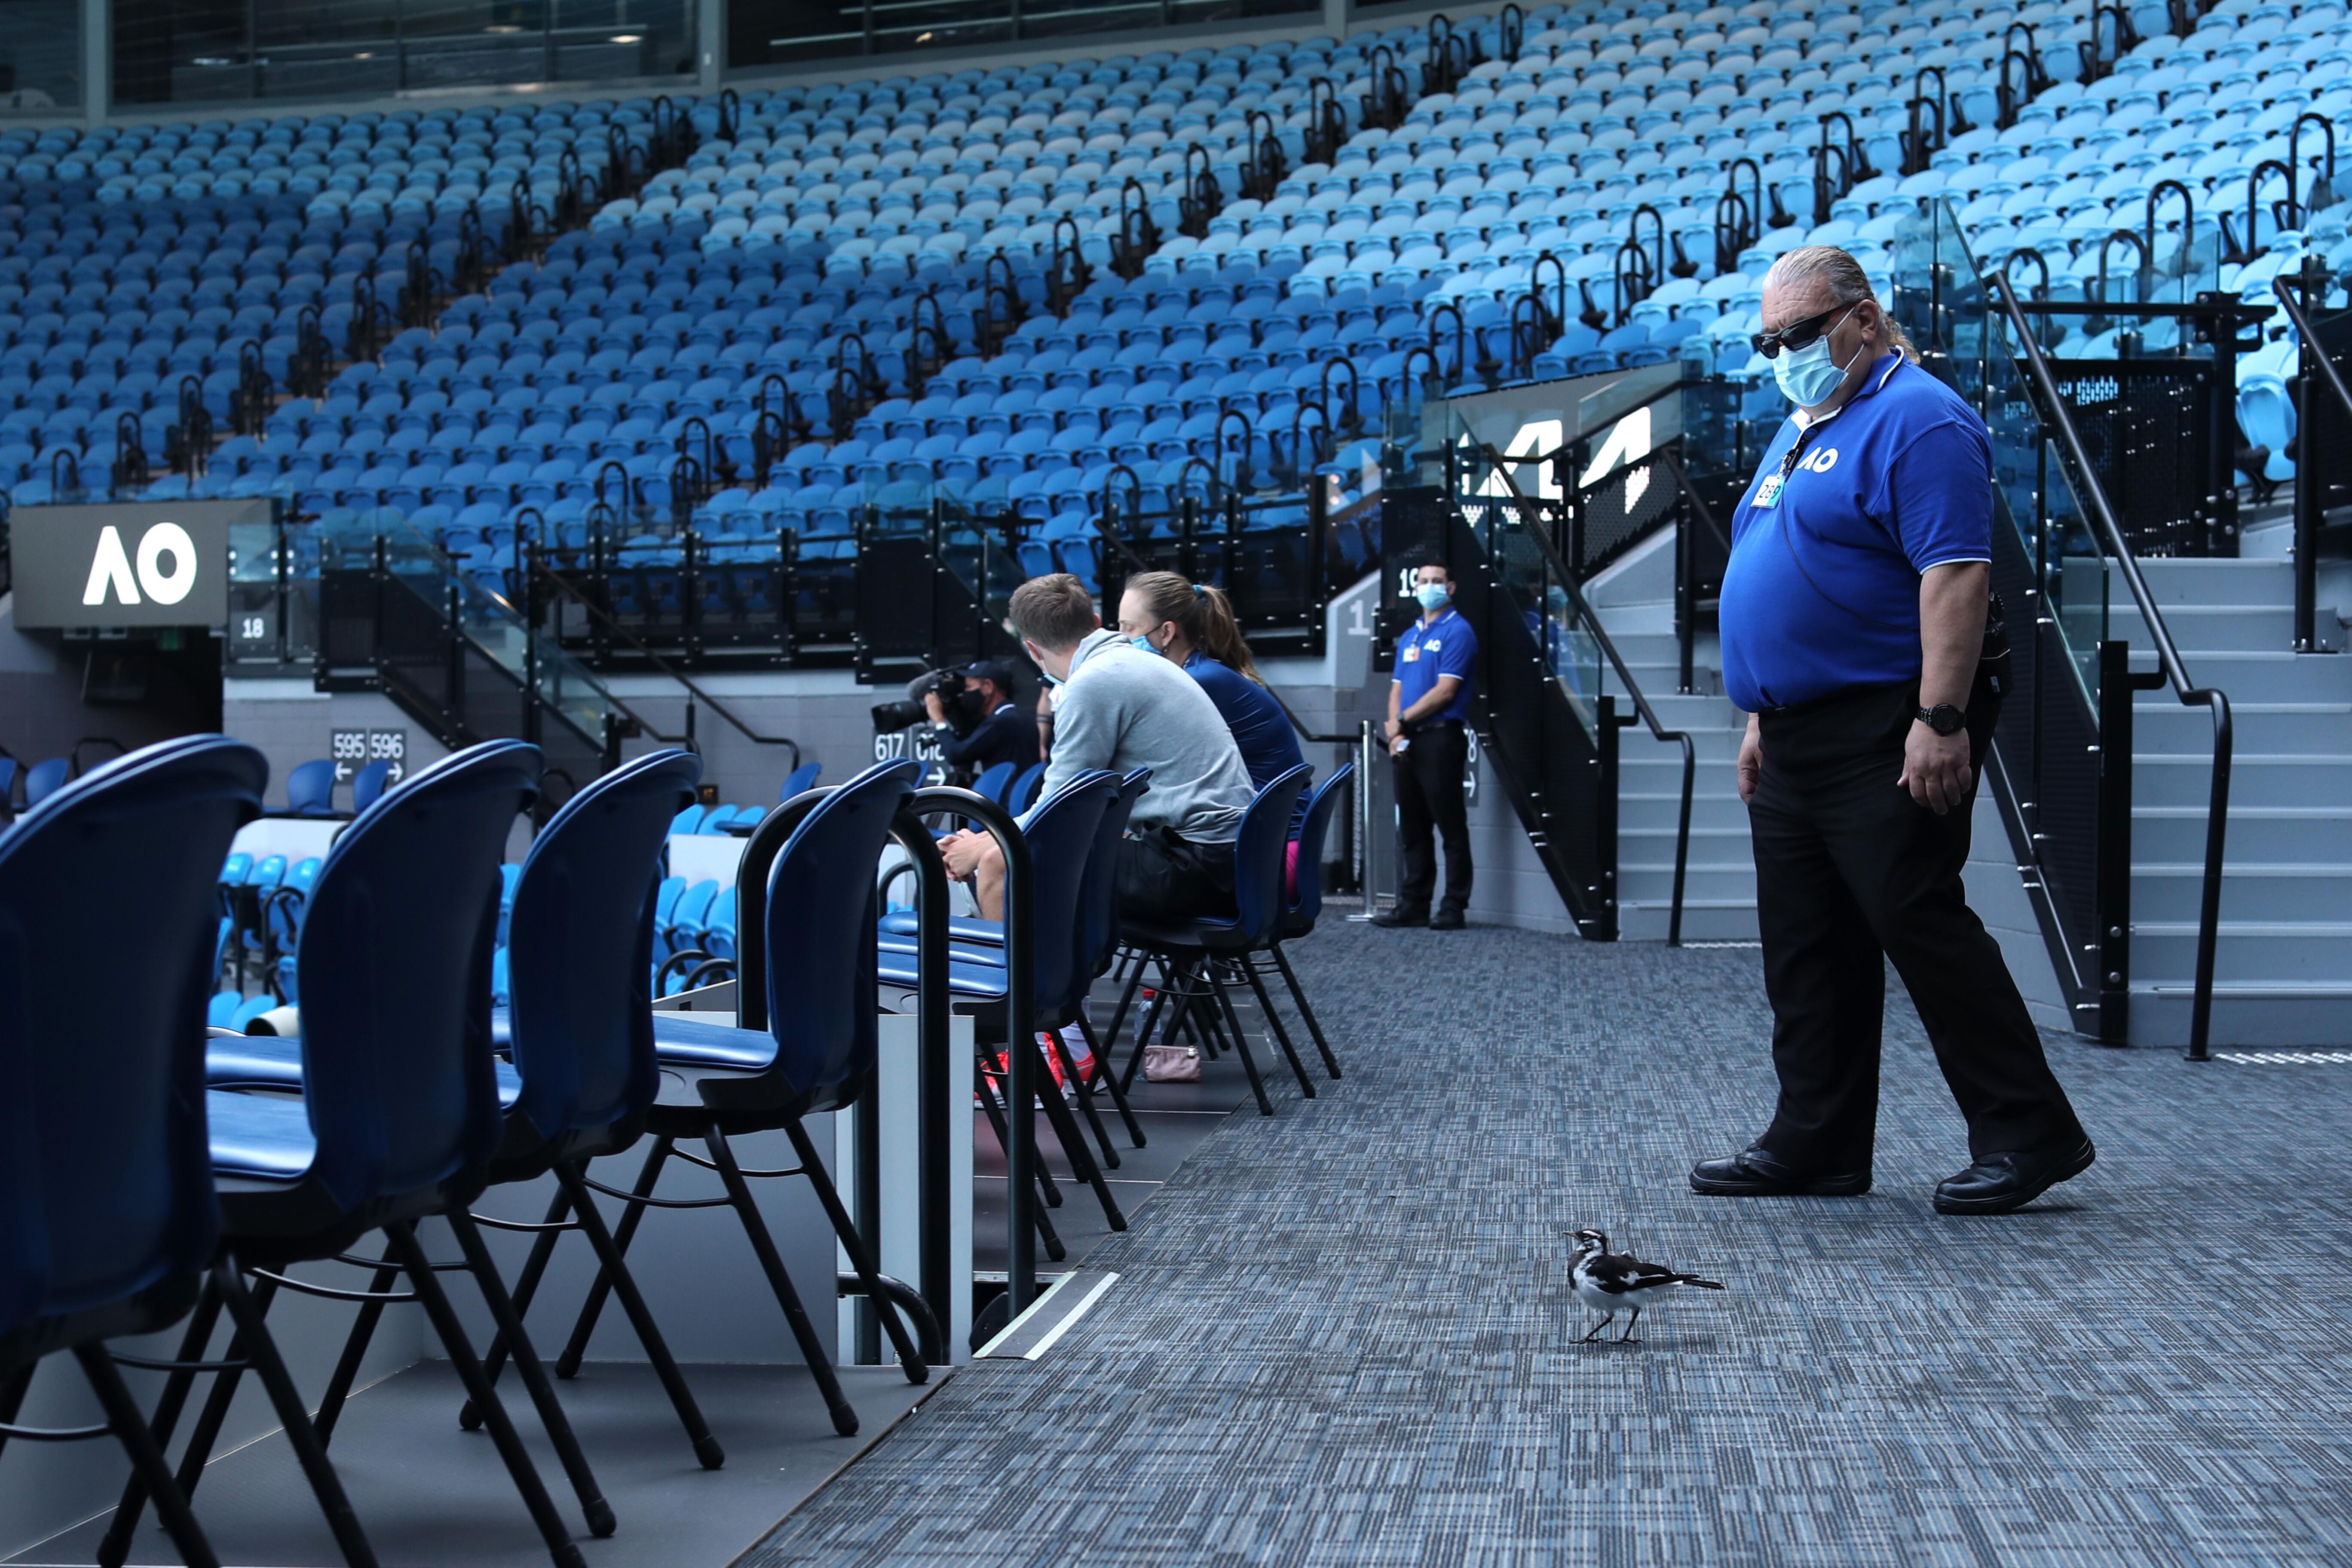 Как выглядит матч Australian Open без зрителей. Фоторепортаж из Мельбурна